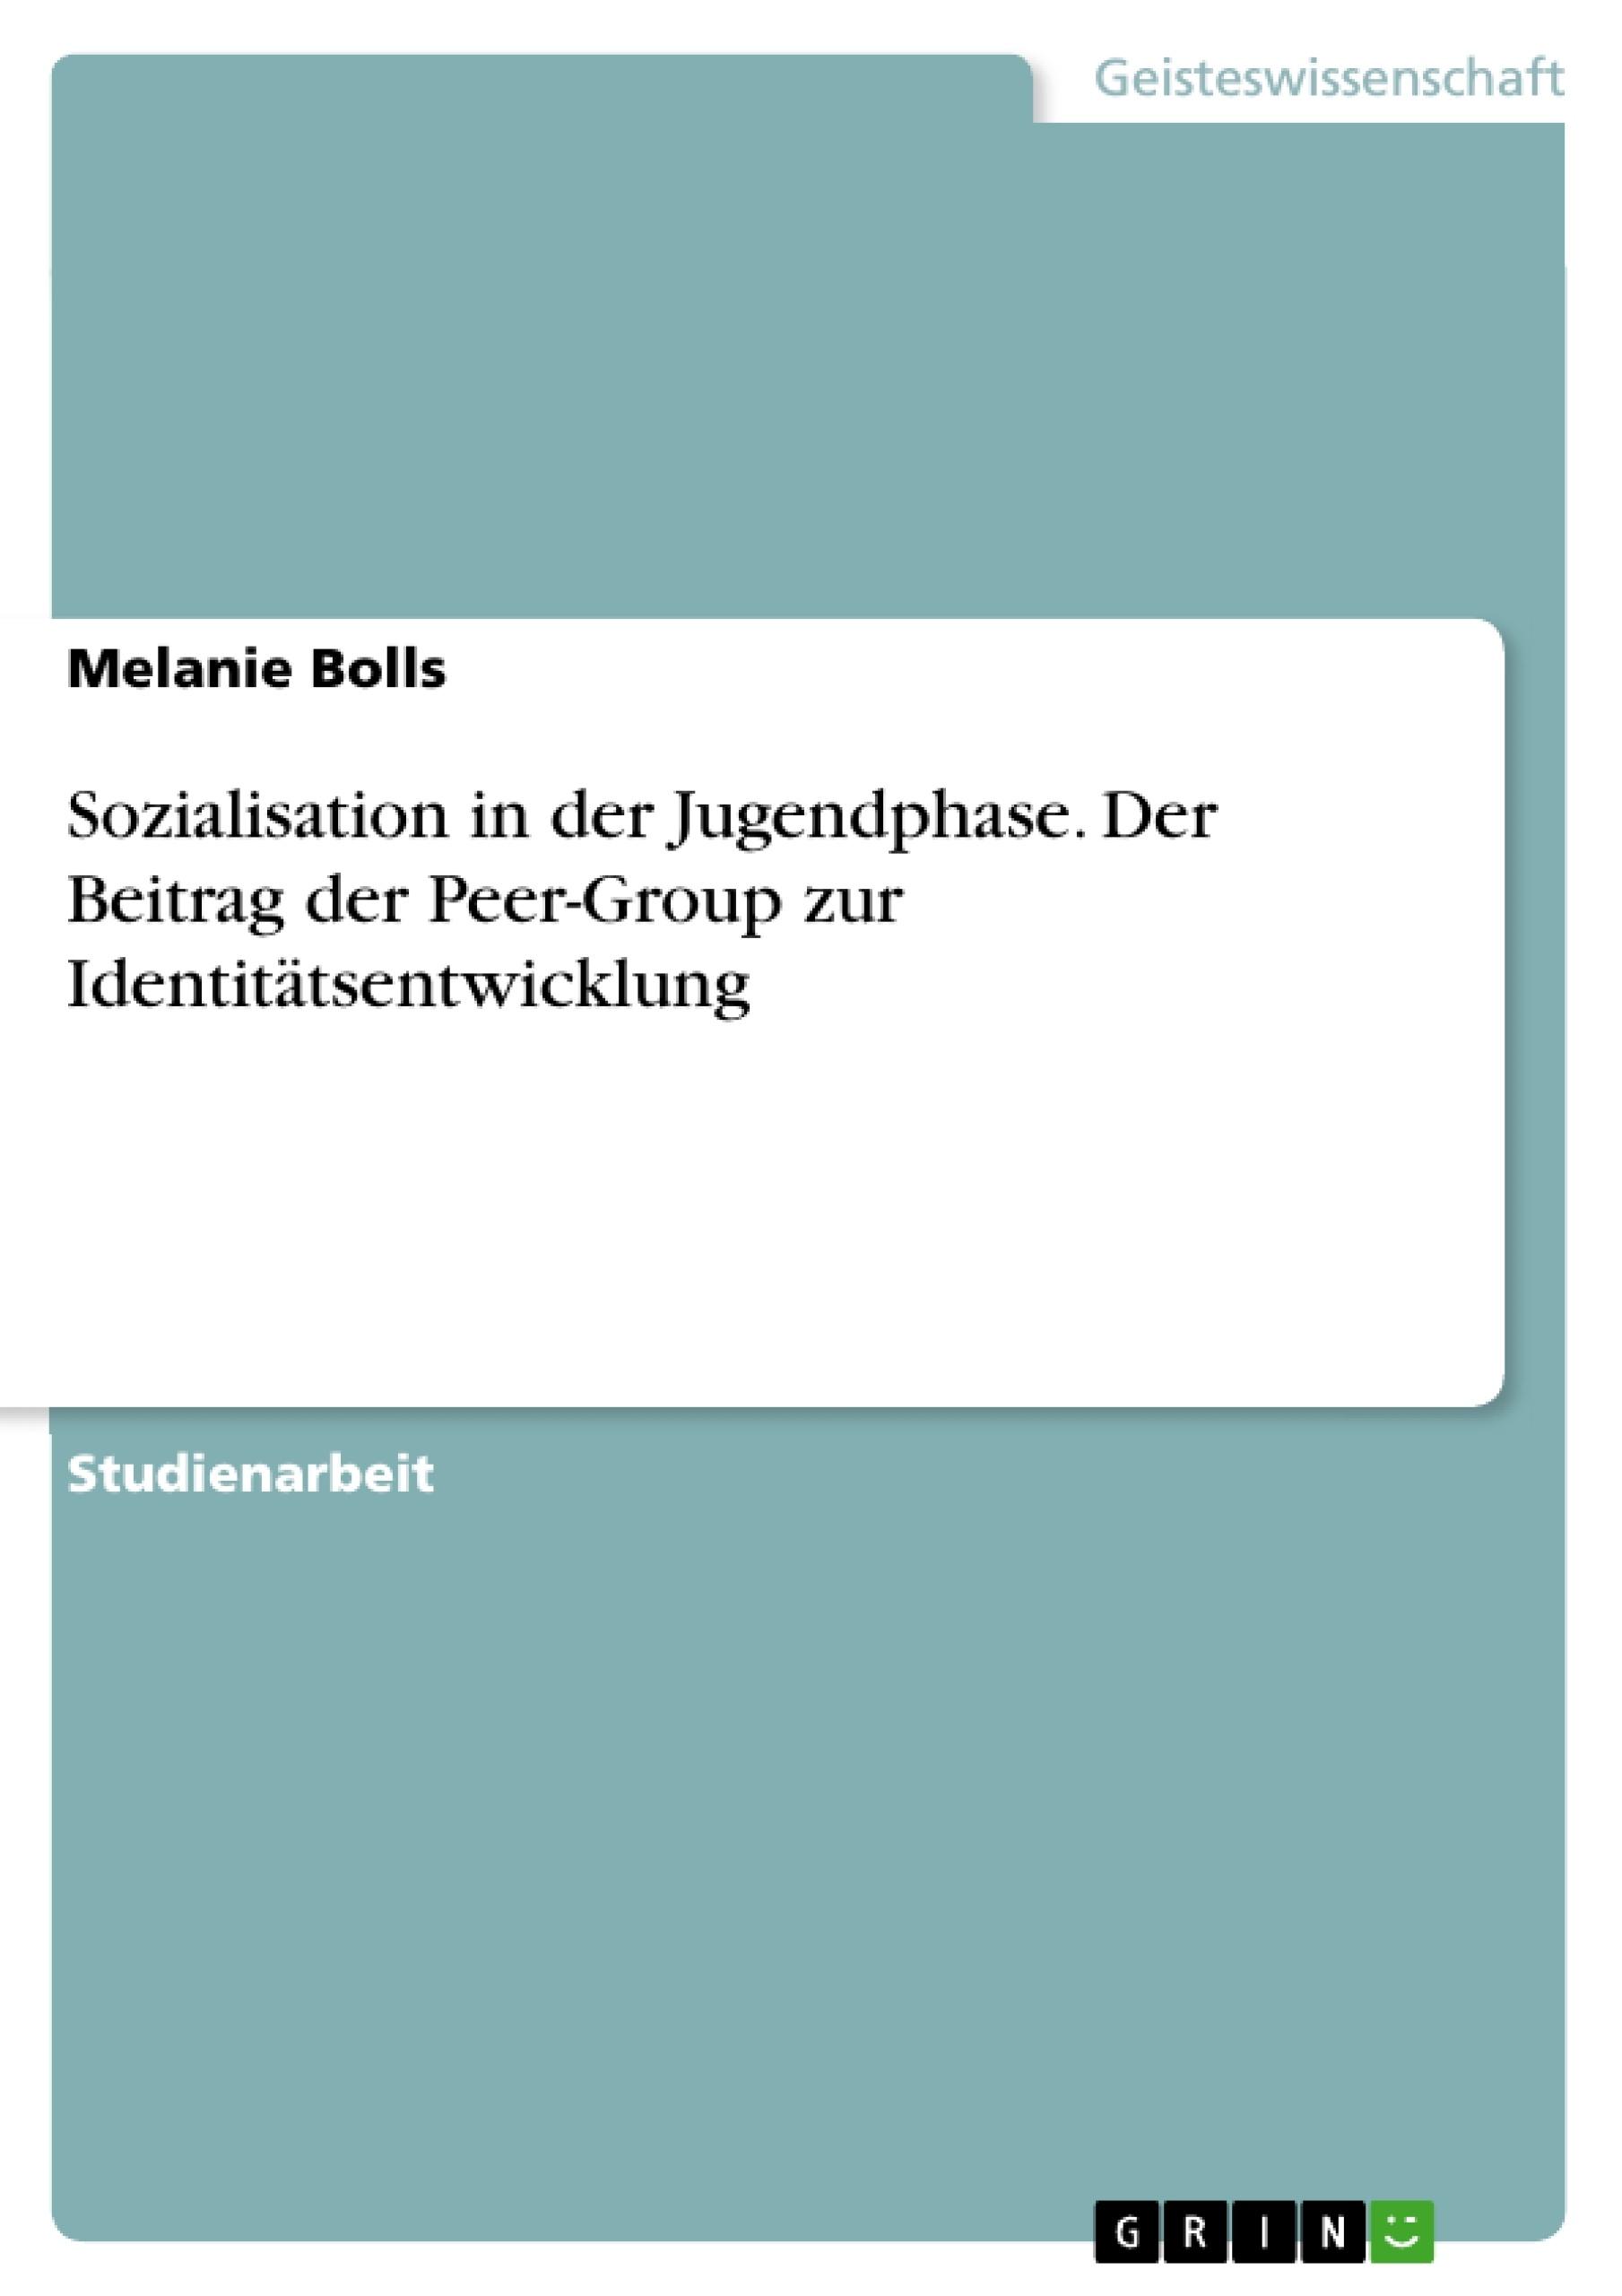 Titel: Sozialisation in der Jugendphase. Der Beitrag der Peer-Group zur Identitätsentwicklung